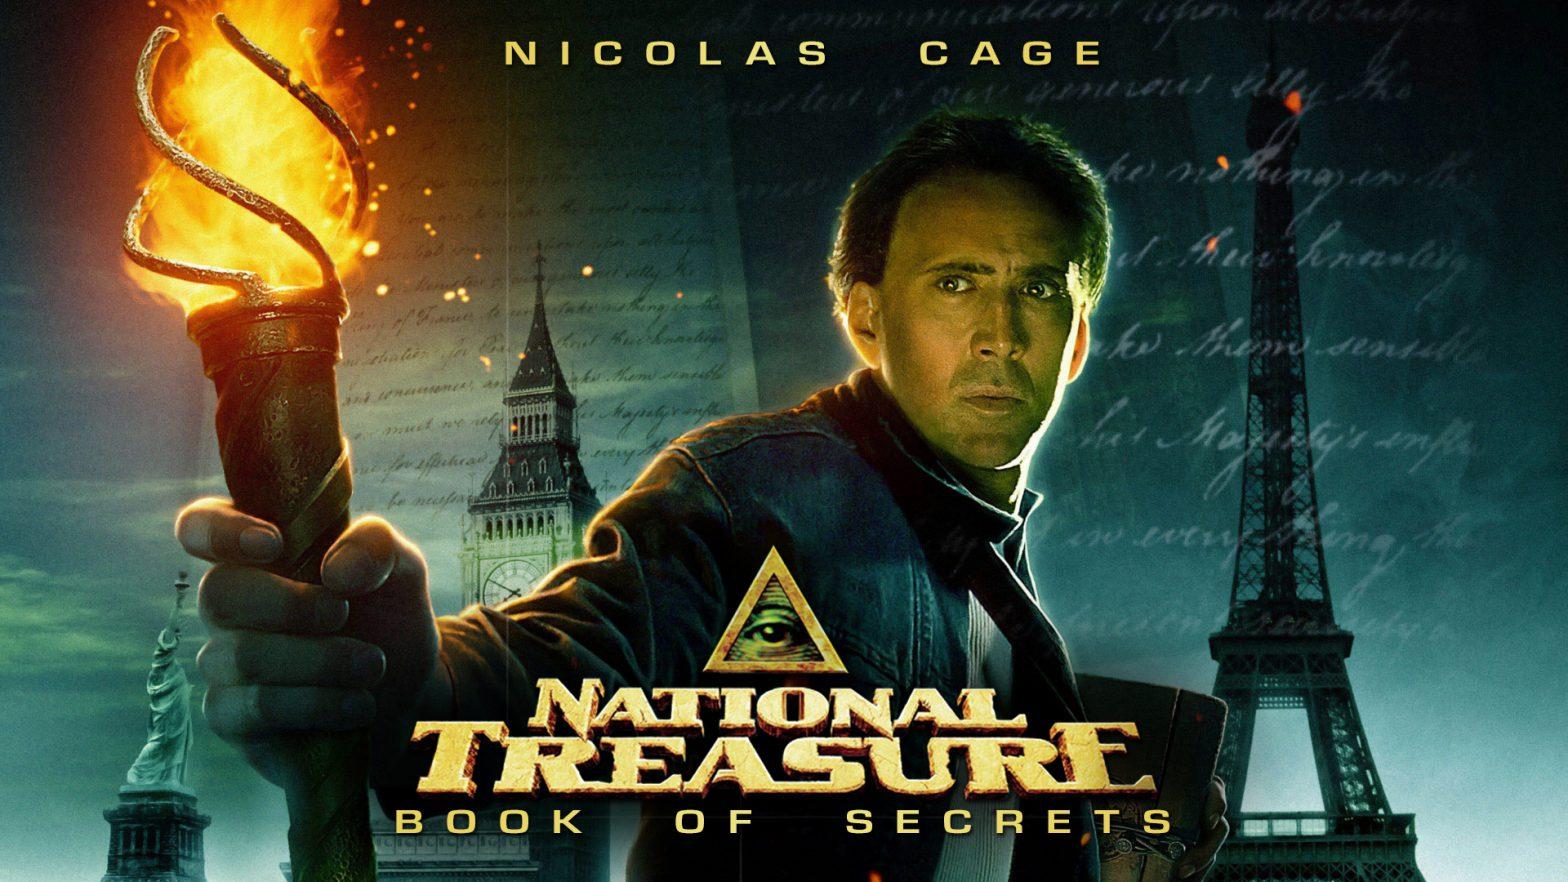 National Treasure 2 Review